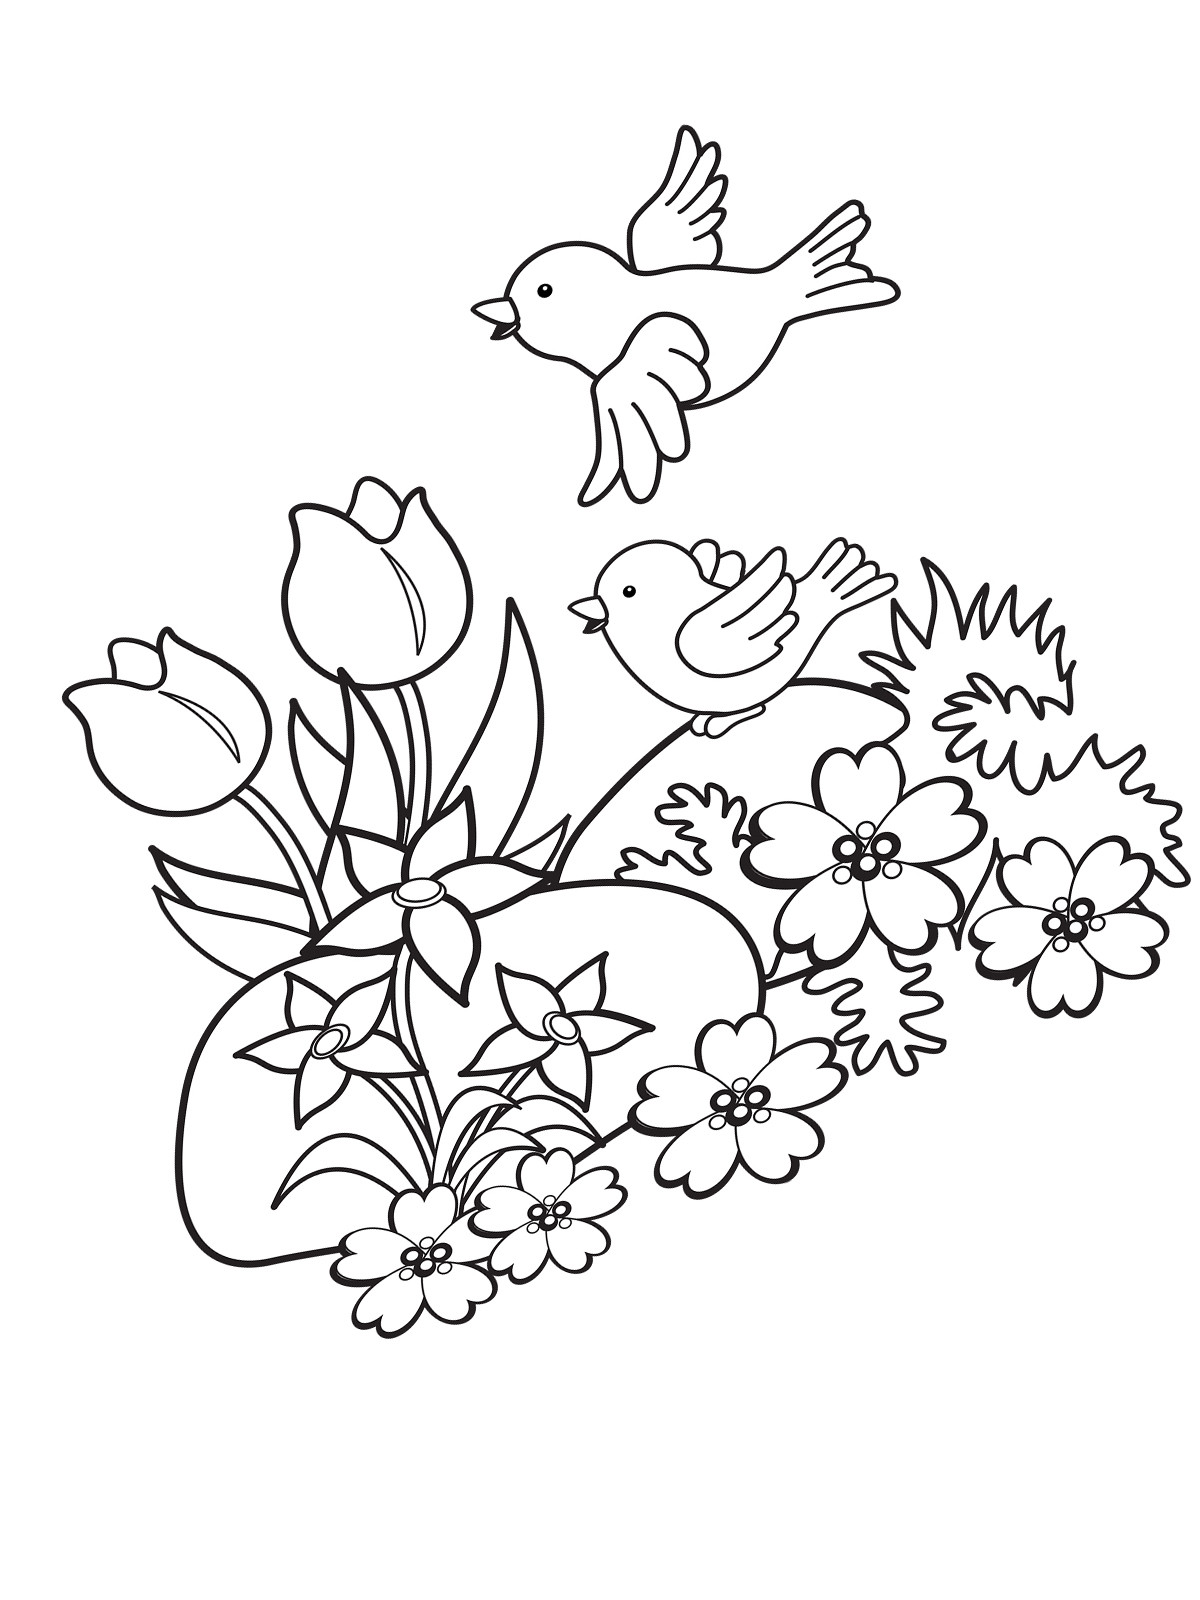 Malvorlagen Frühling  Ausmalbilder Malvorlagen von Frühling kostenlos zum